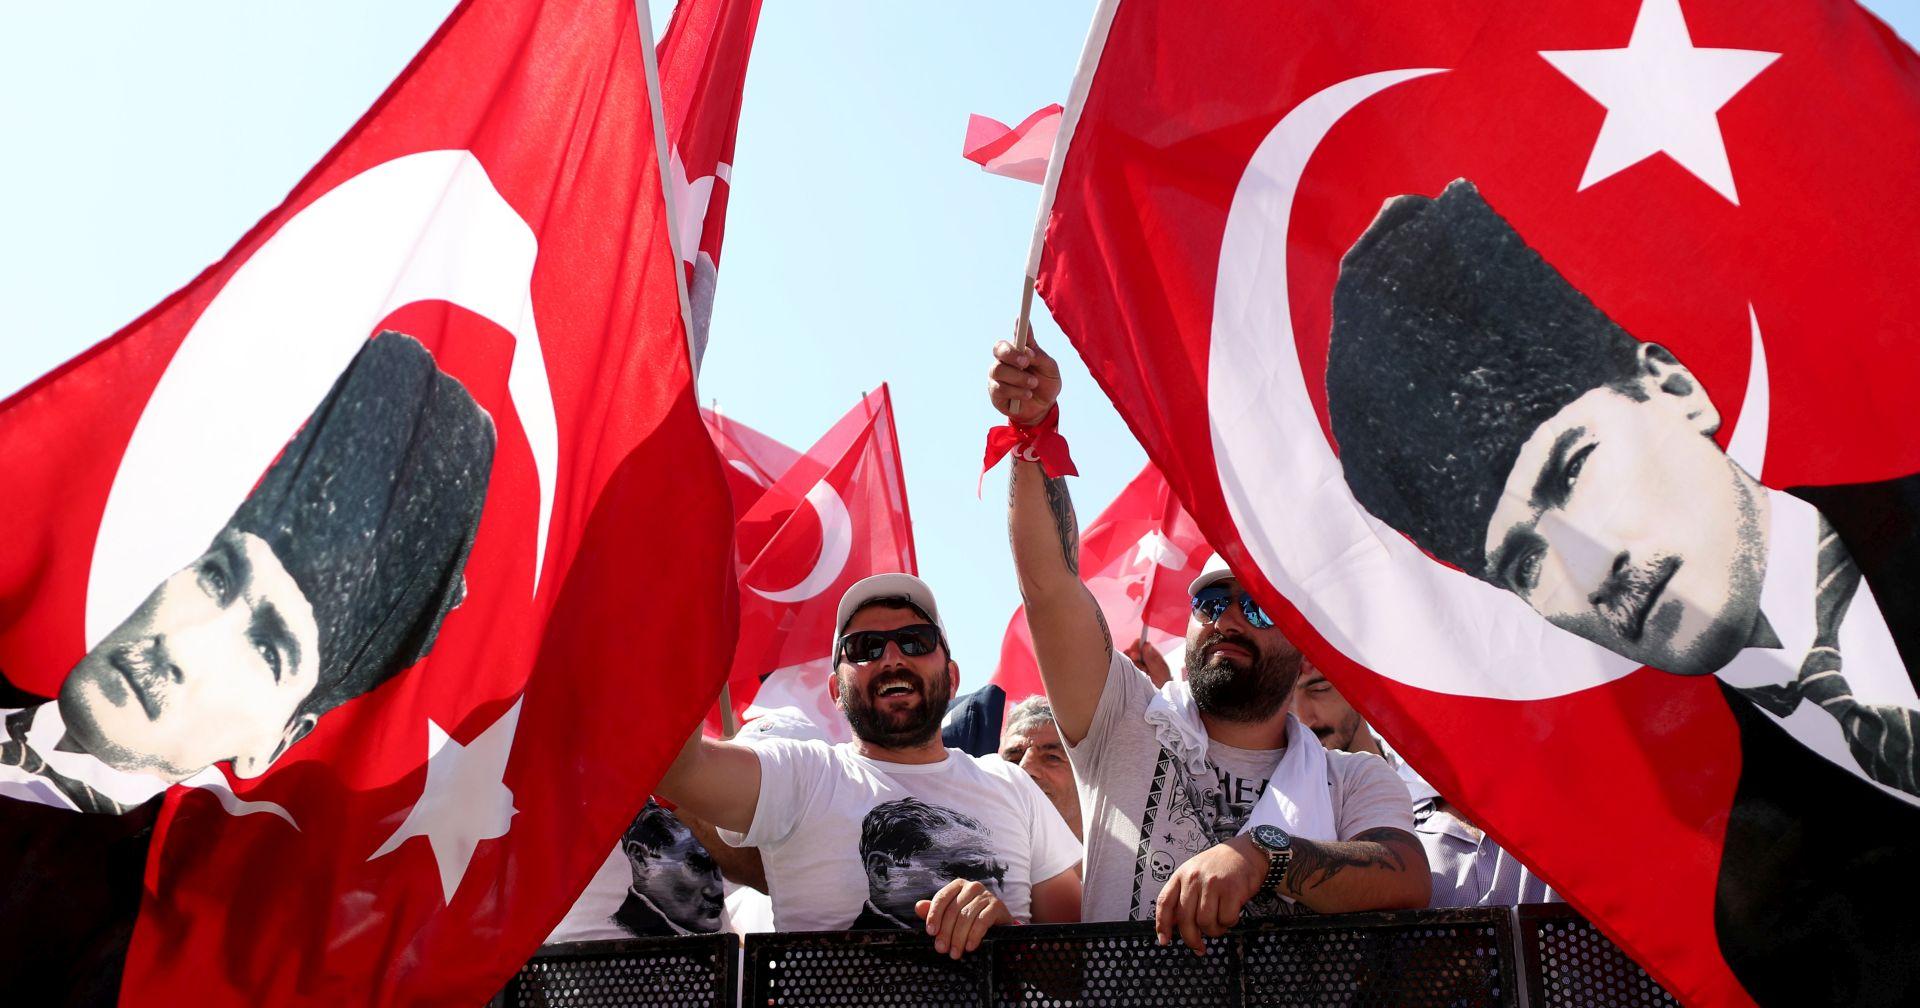 Turska diljem svijeta obilježava godišnjicu puča